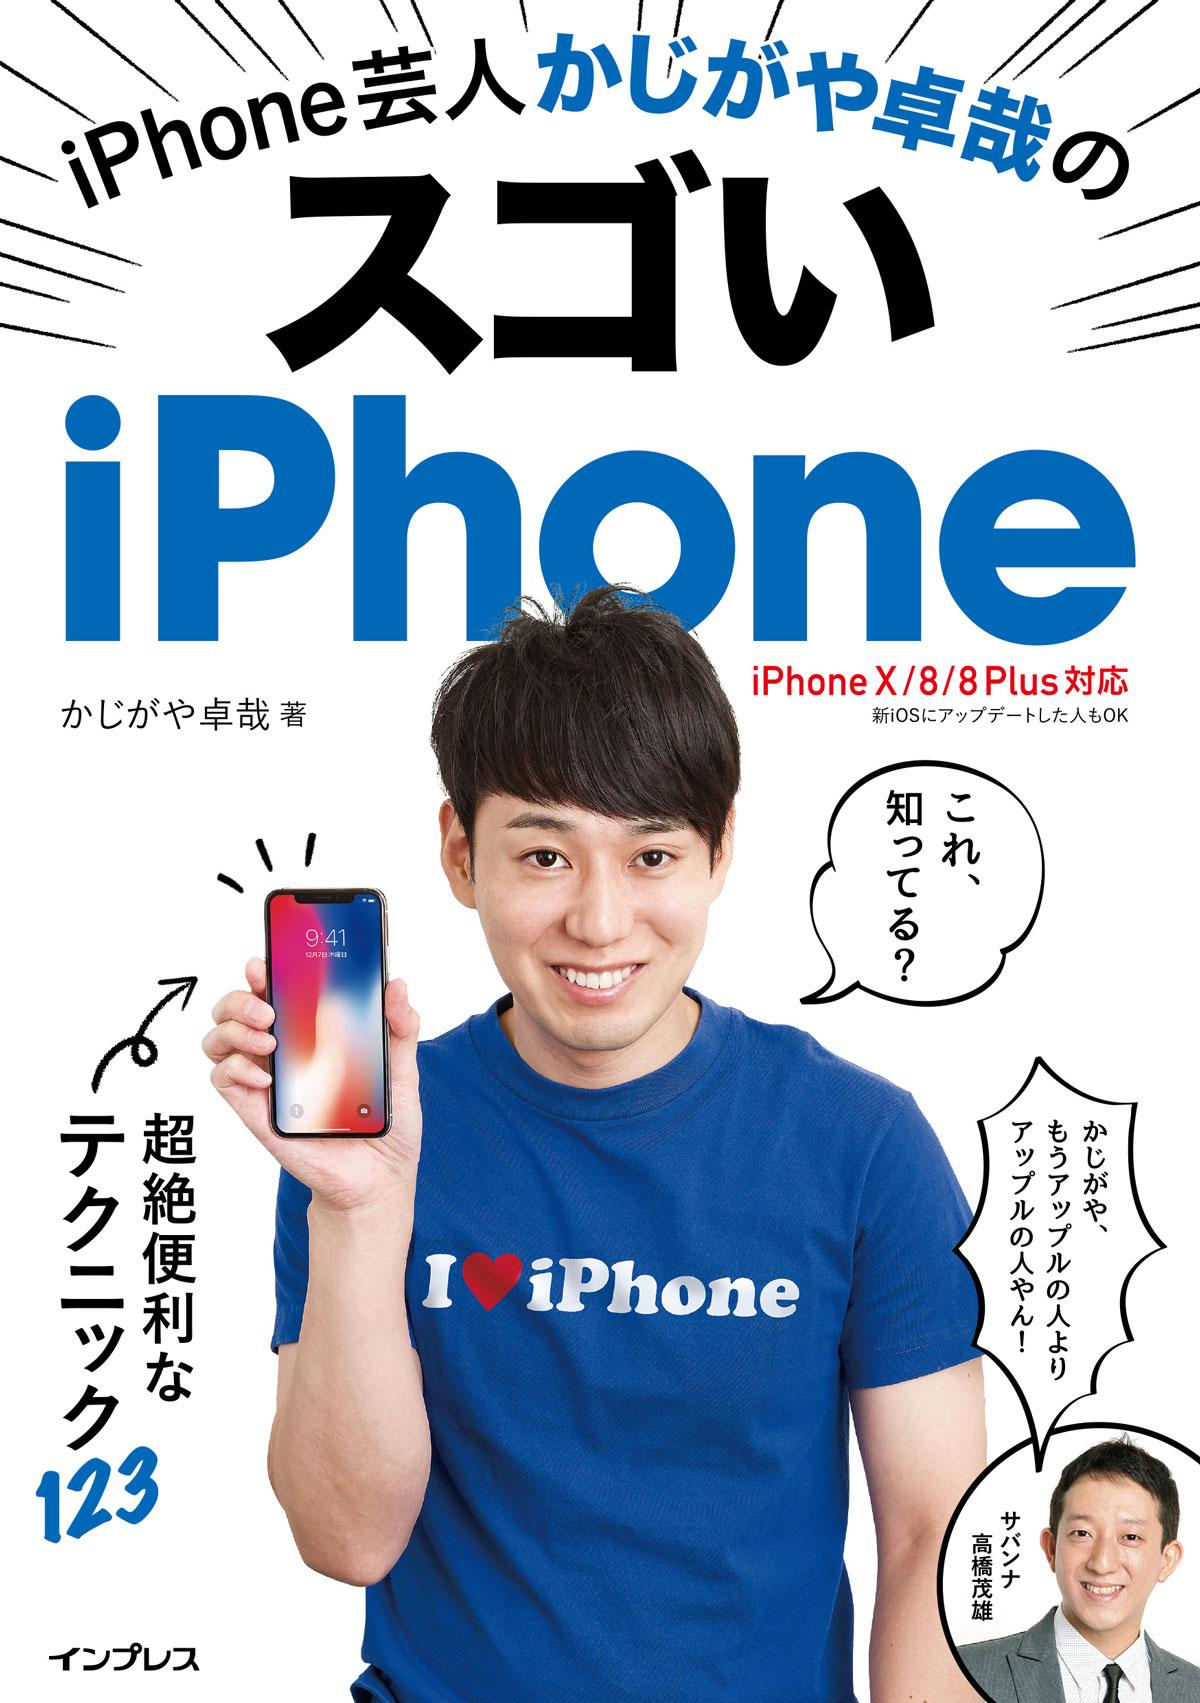 『iPhone芸人 かじがや卓哉のスゴいiPhone』表紙